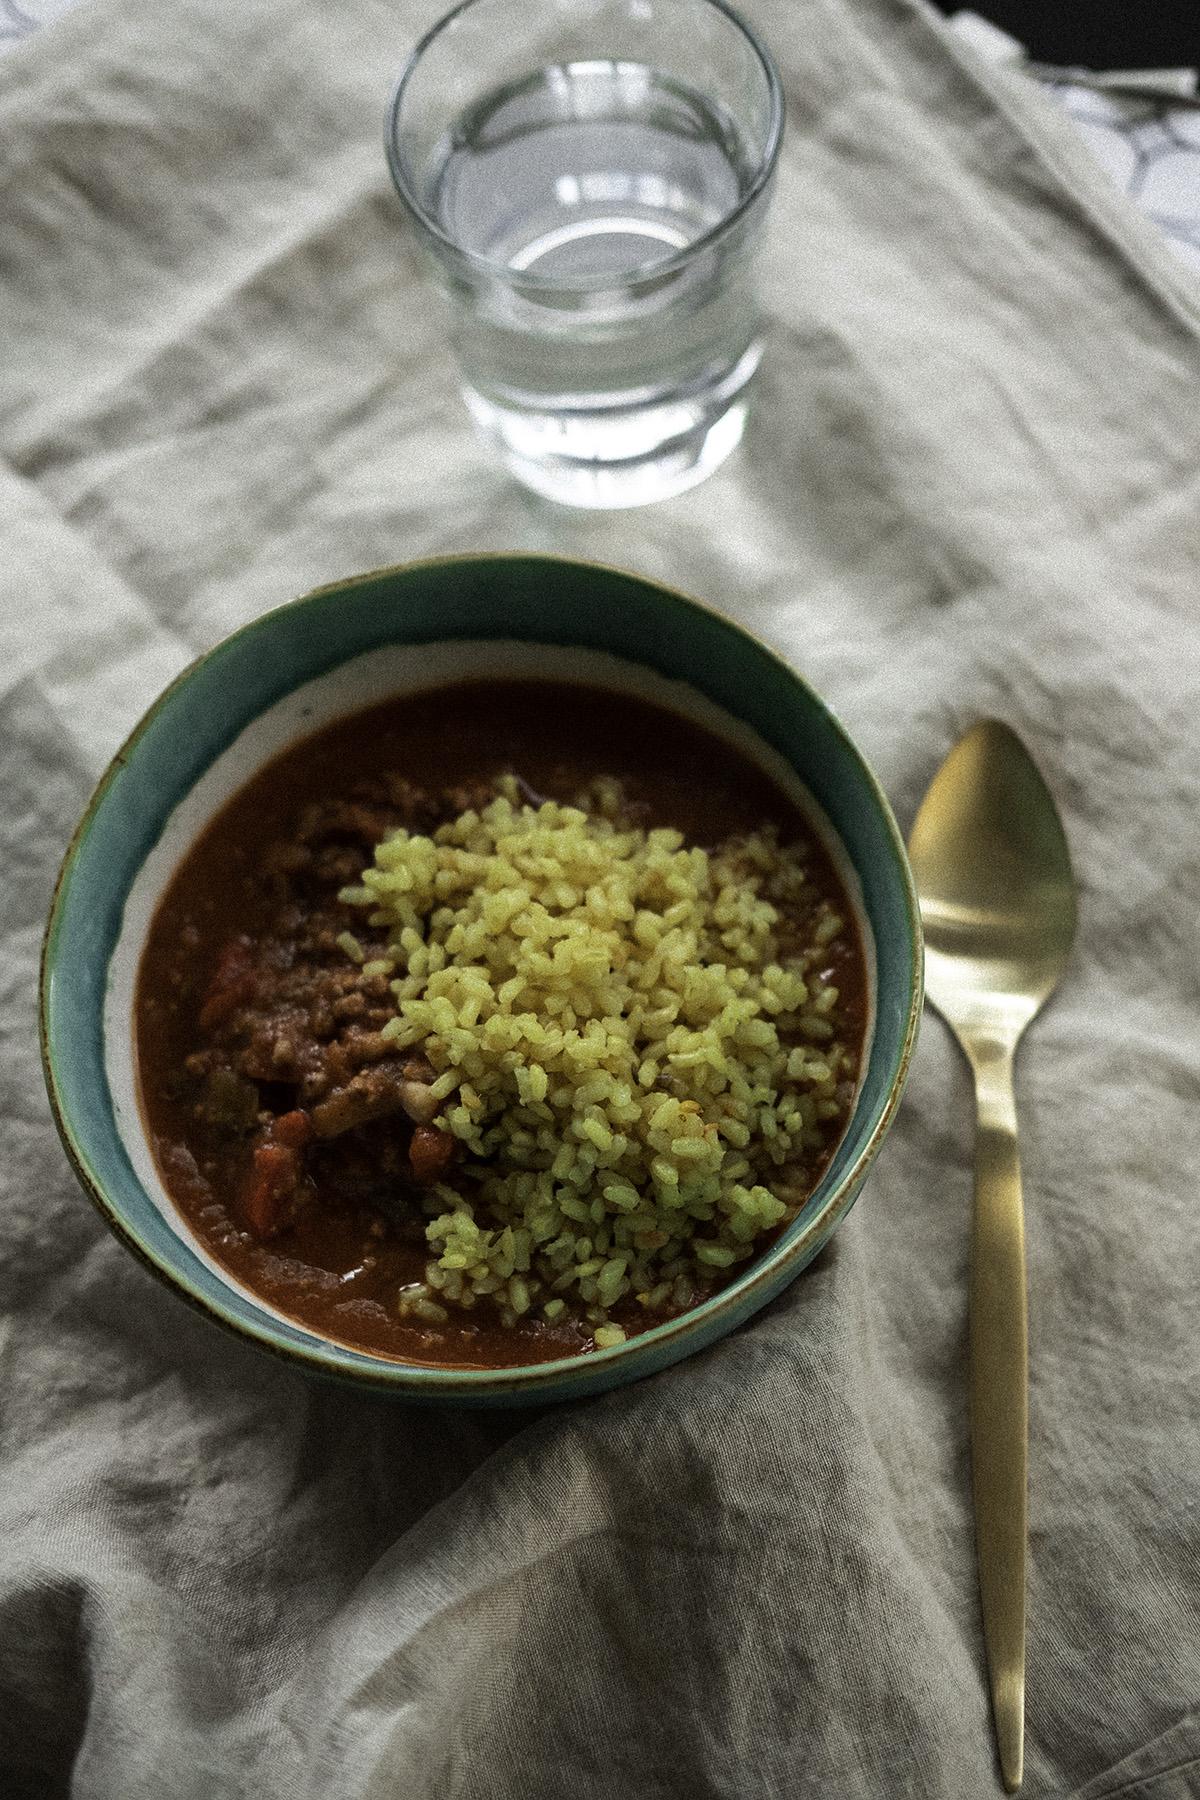 receta chili con carne facil